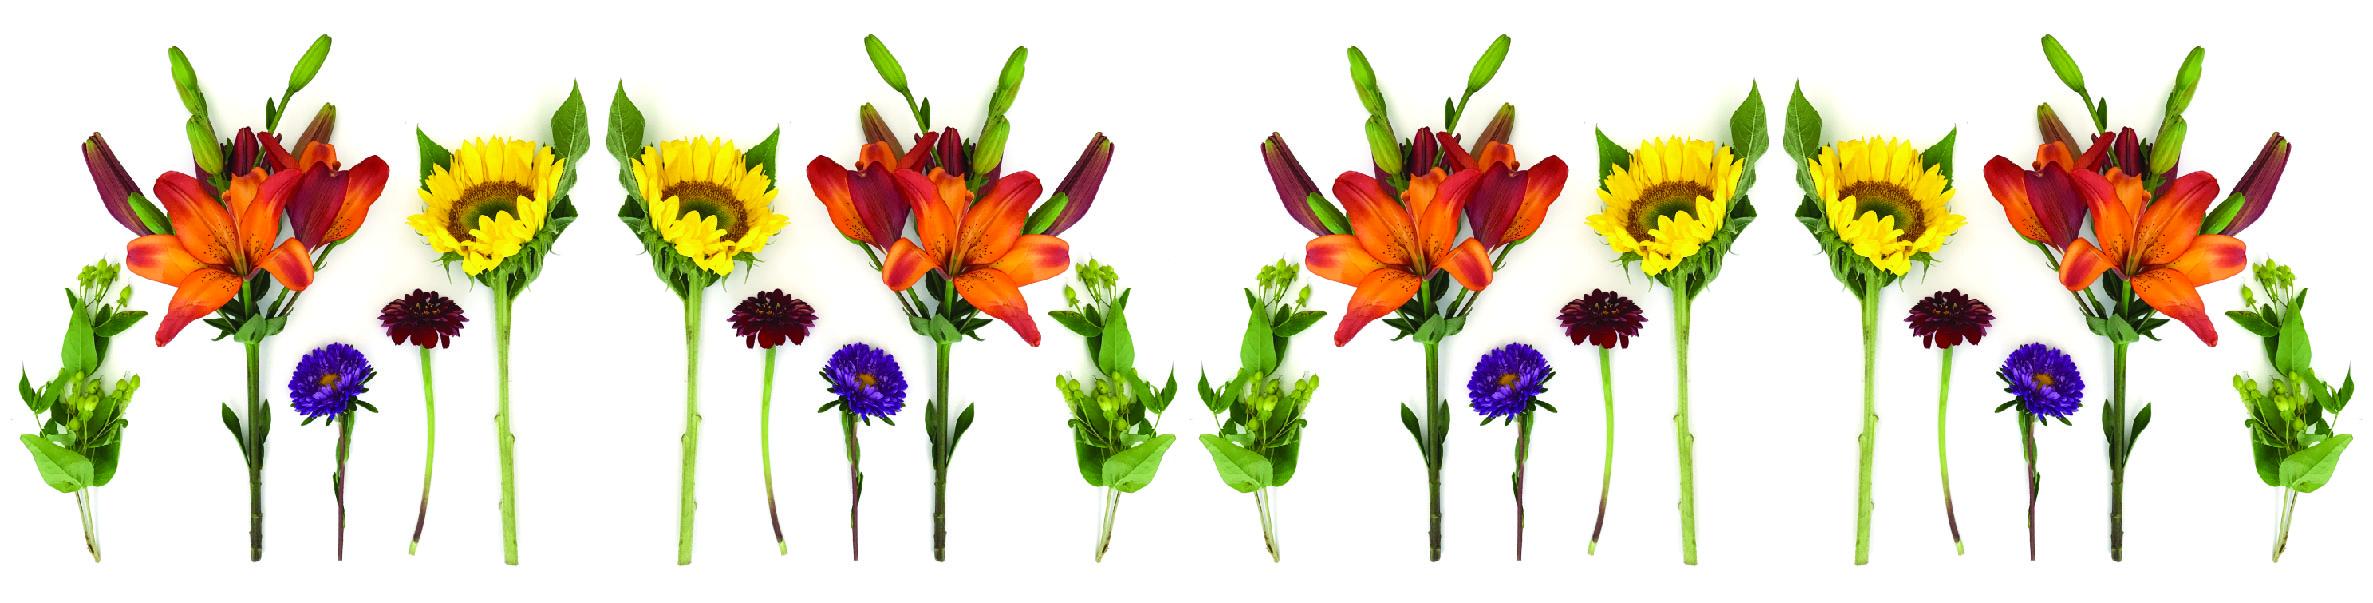 HJF Website Flower Border 1.jpg